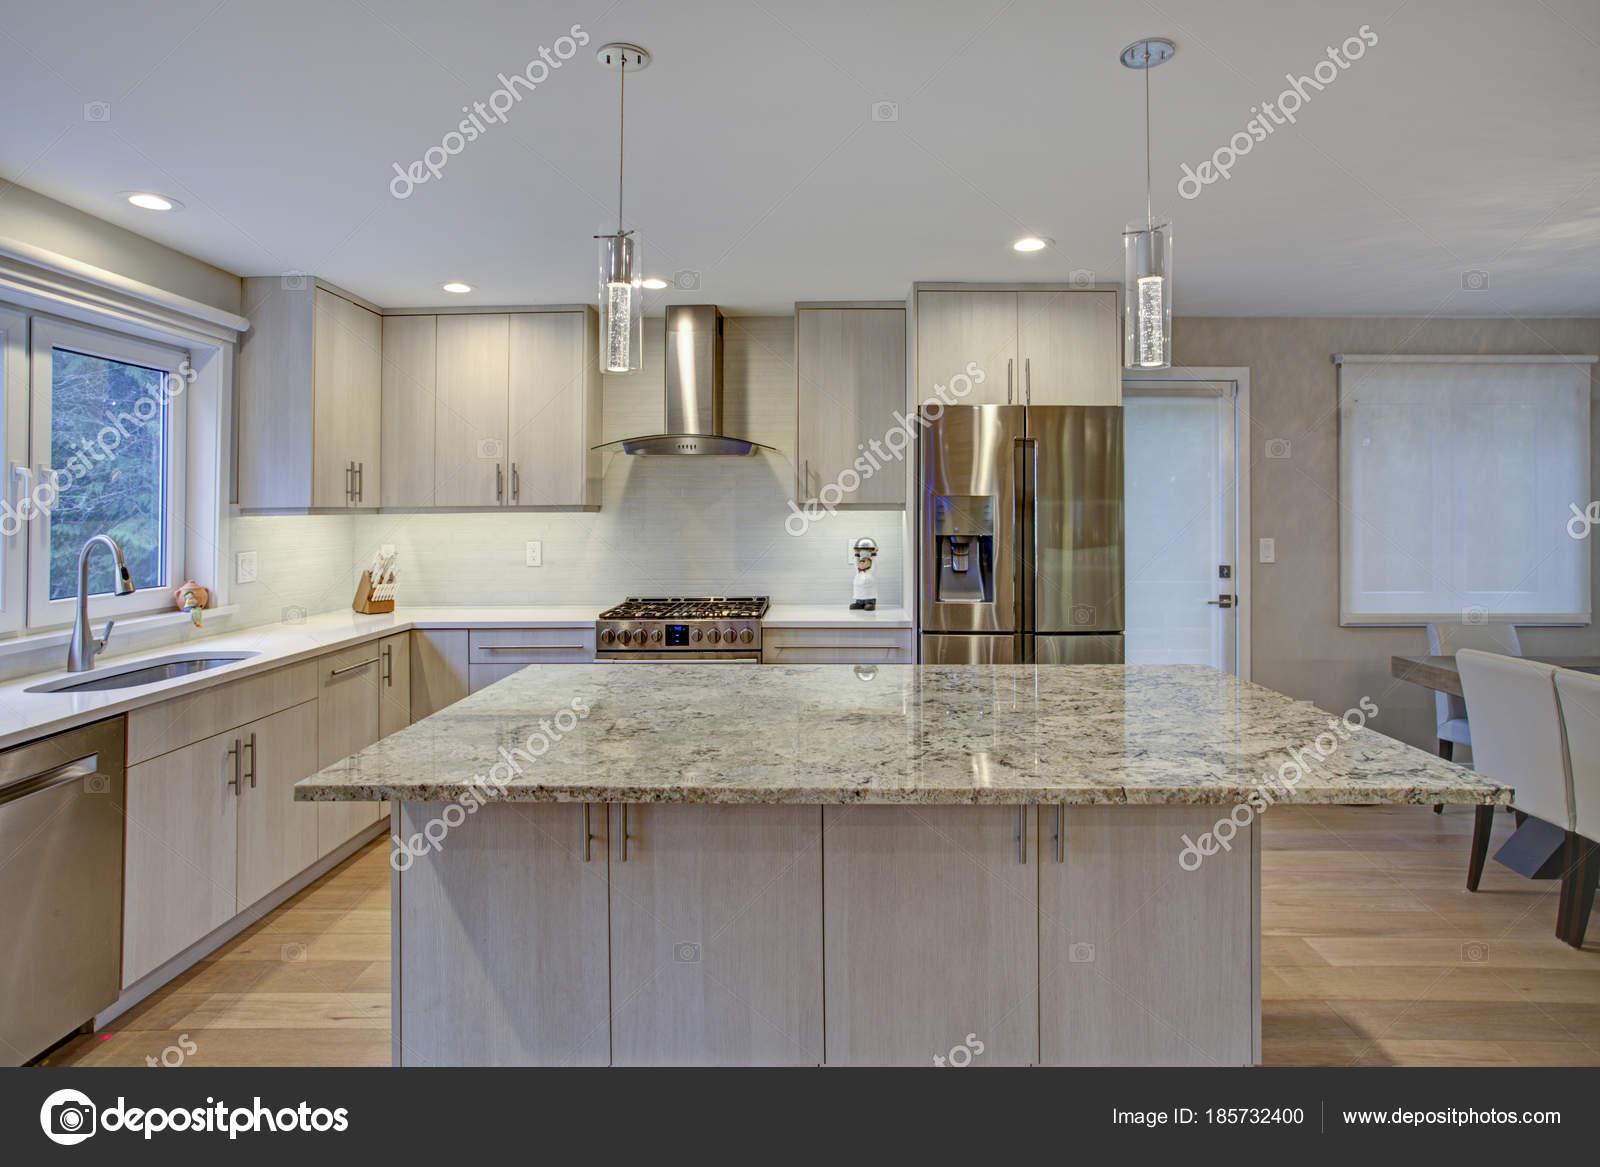 Schöne Küche mit Kochinsel — Stockfoto © alabn #185732400